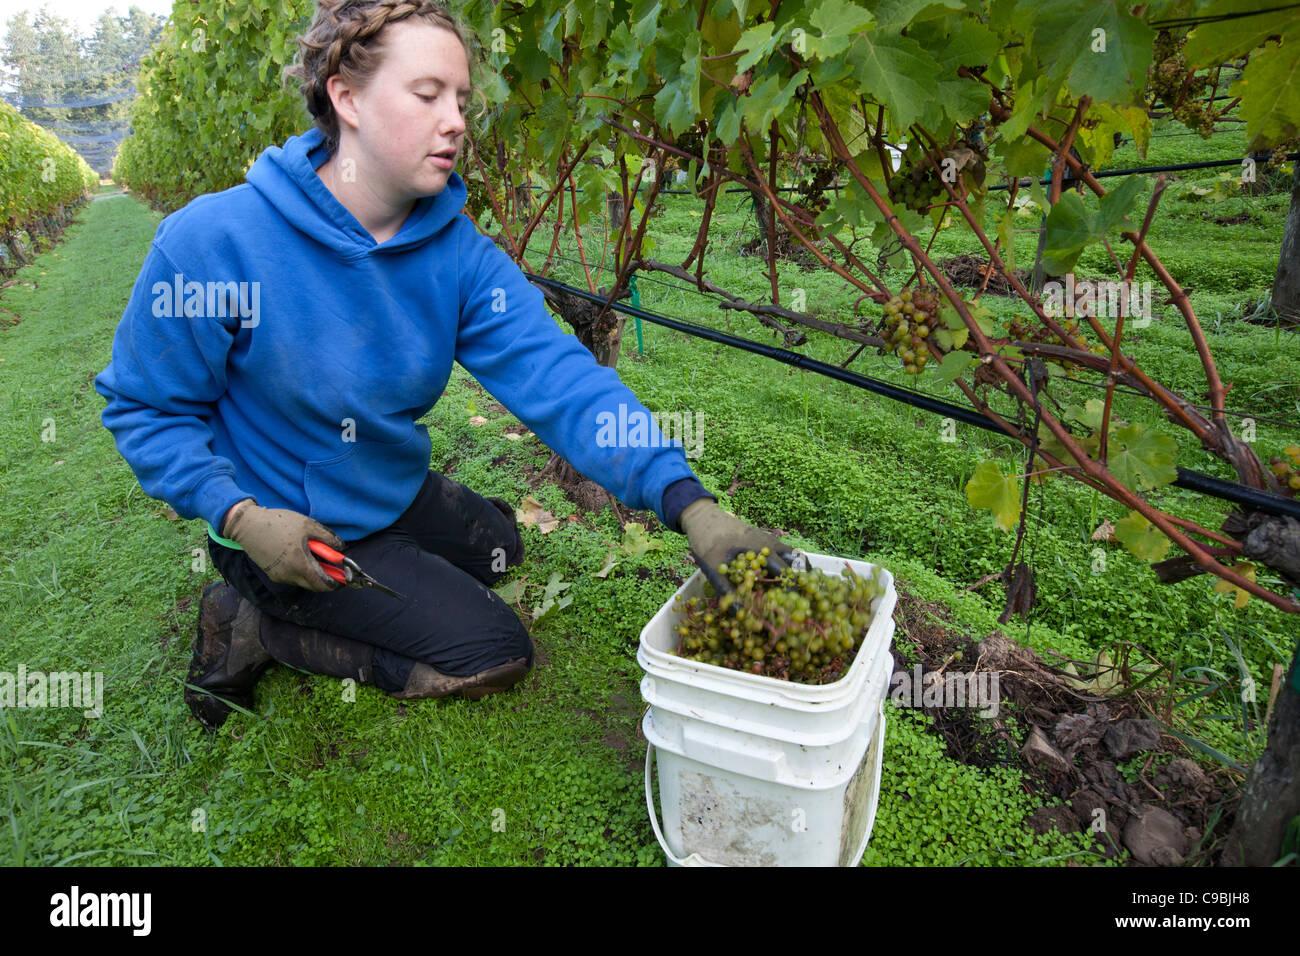 Frau, die Ernte der Trauben für die Weinherstellung. Stockbild